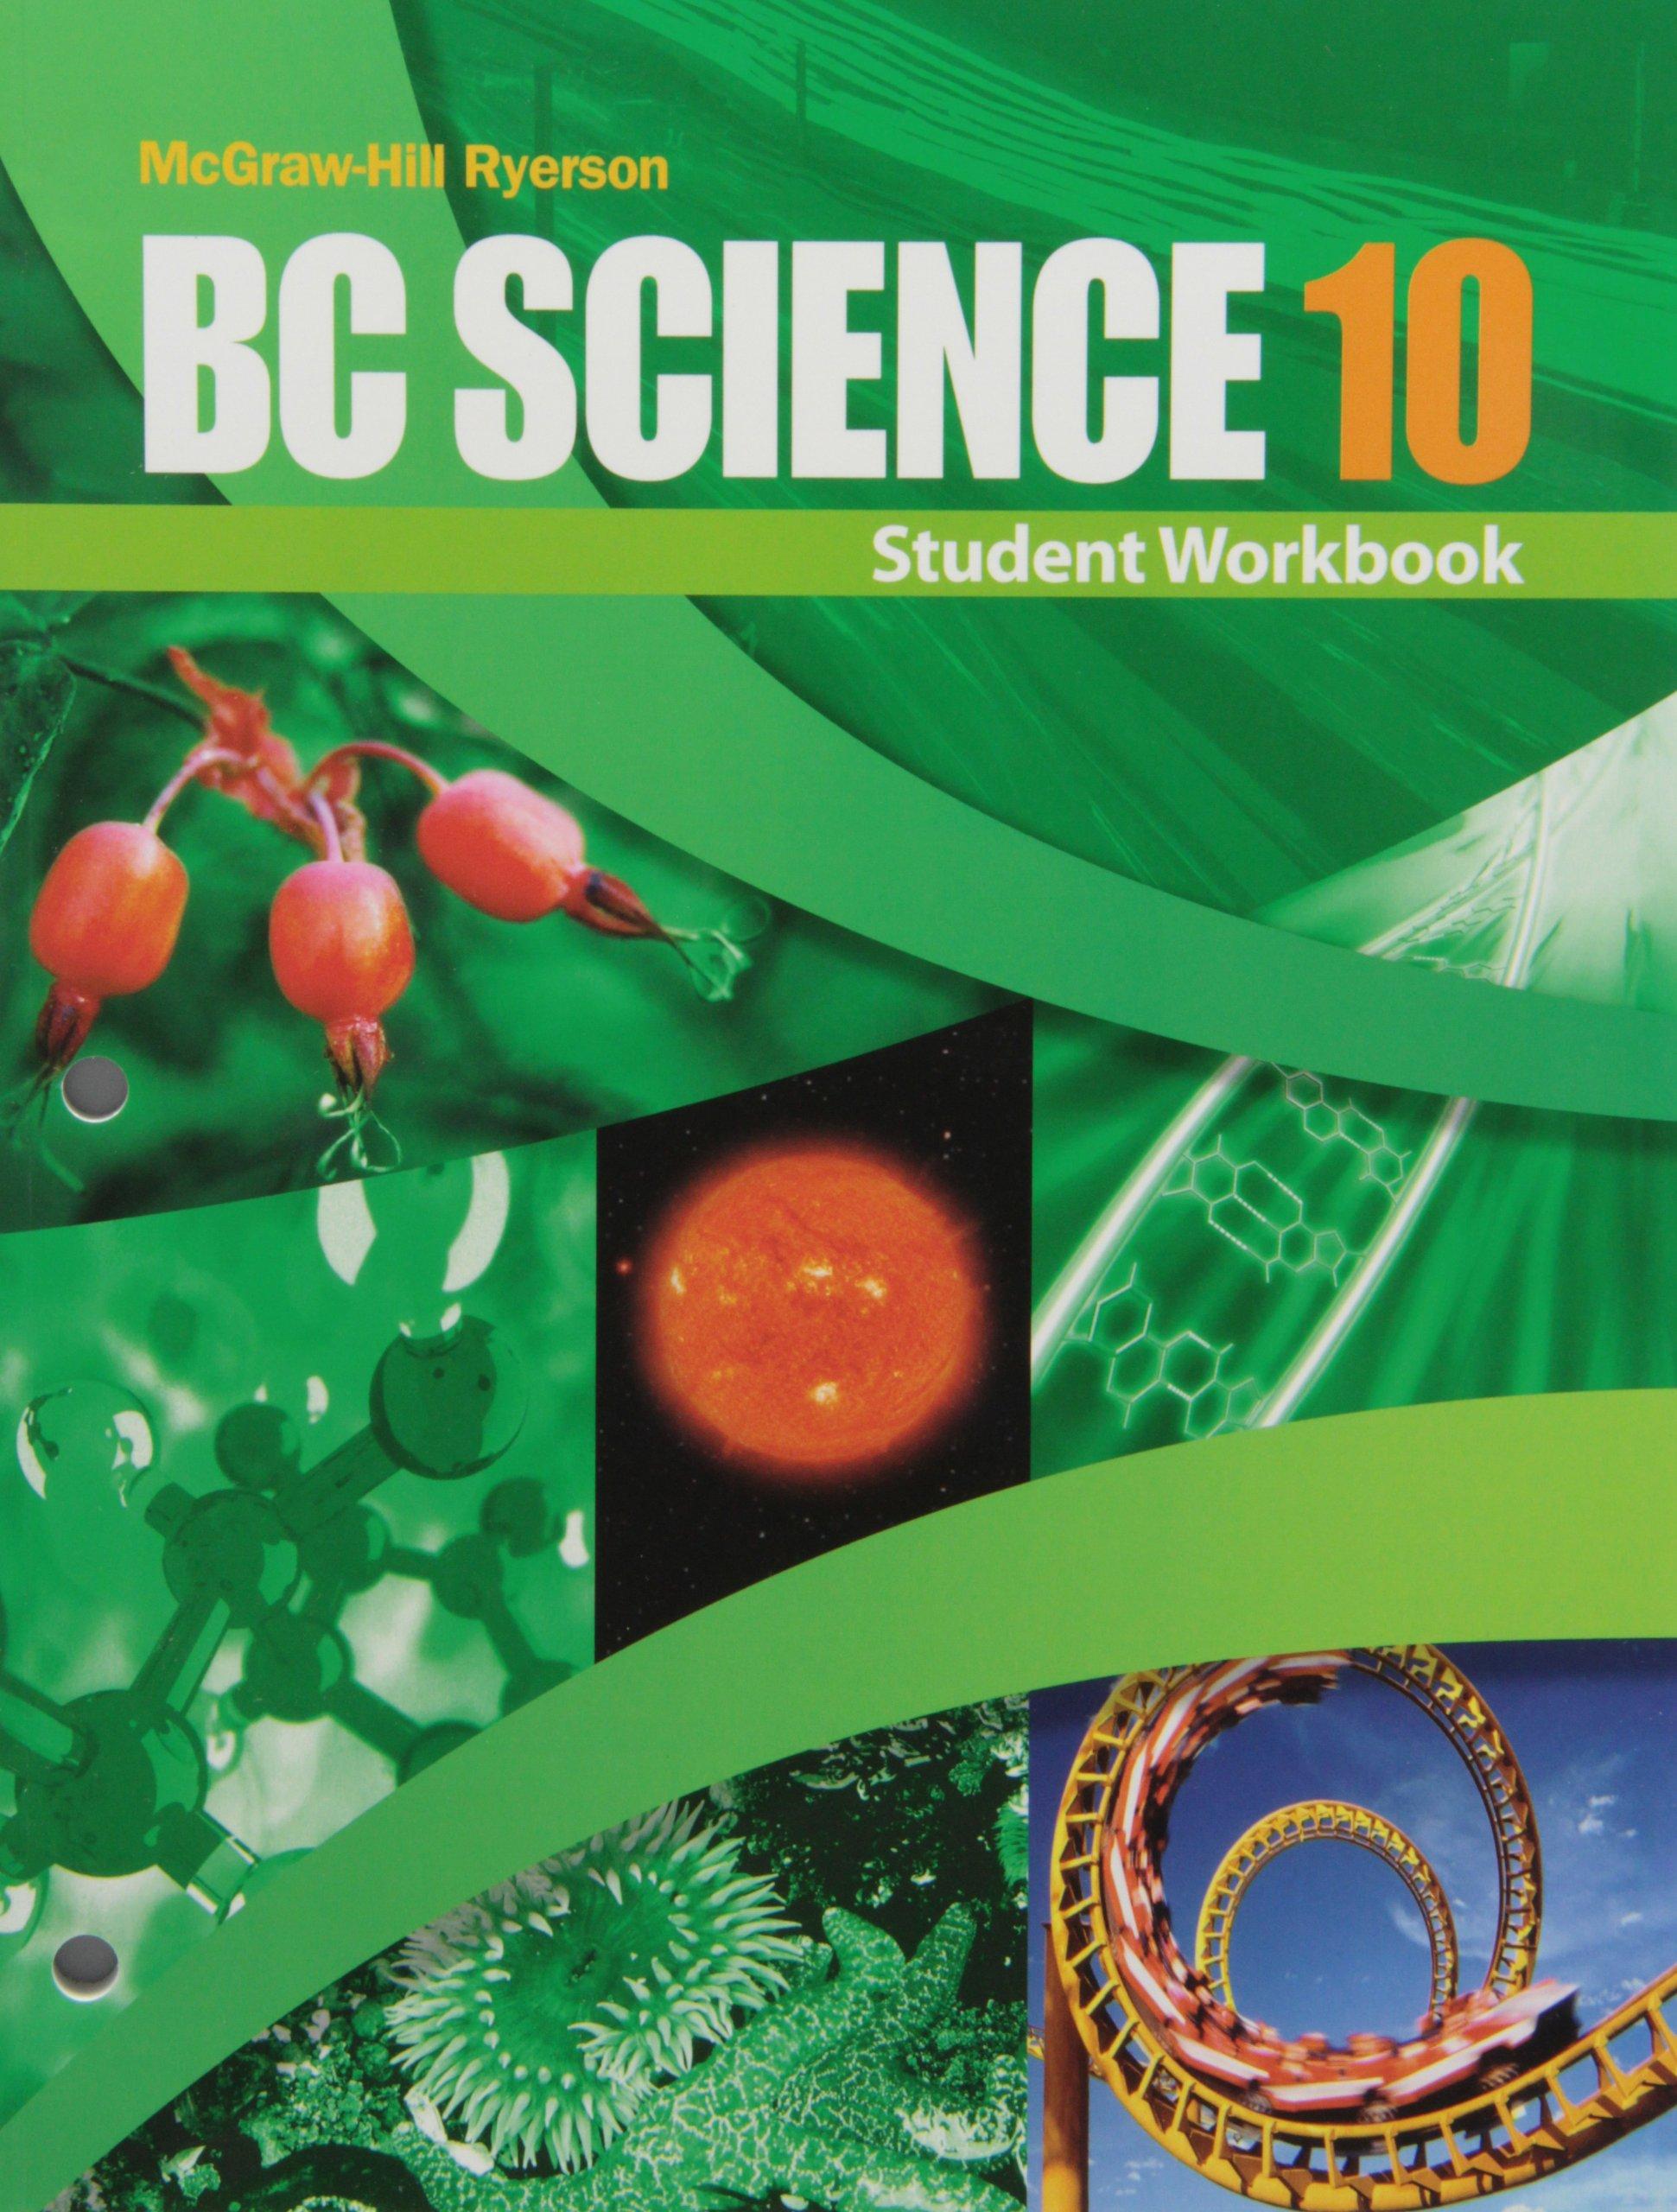 BC SCIENCE 10 EBOOK DOWNLOAD